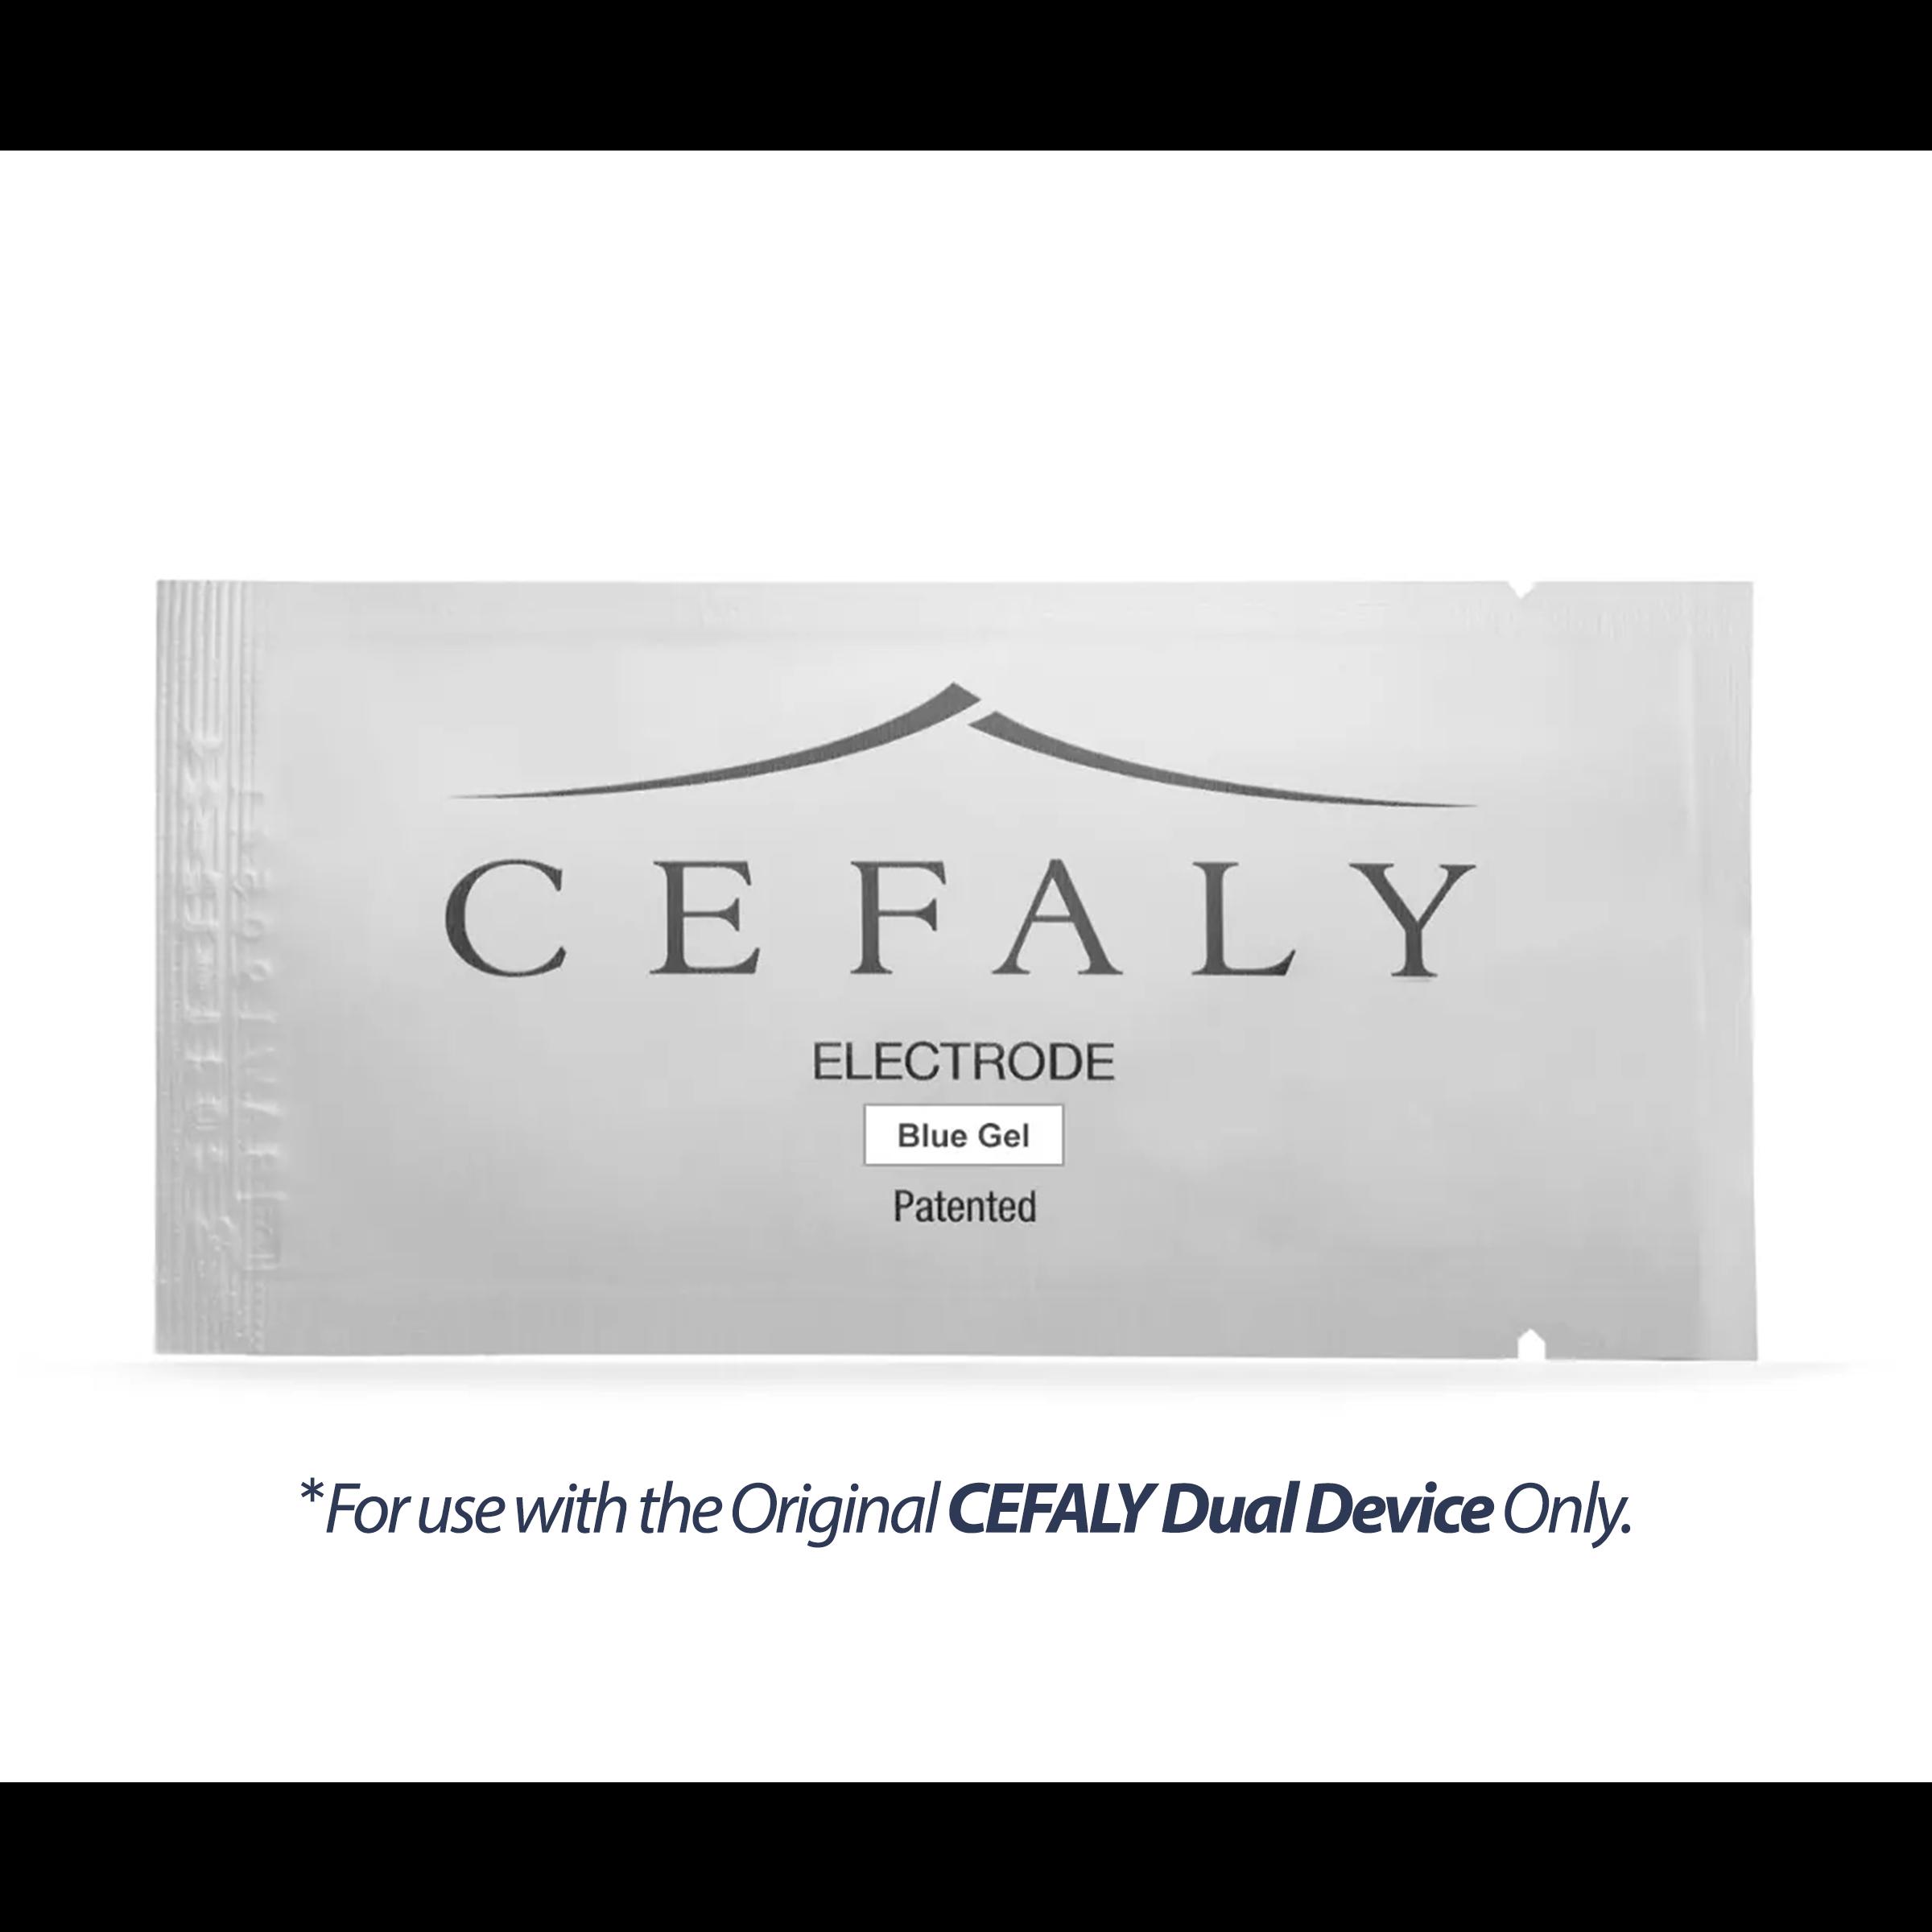 Cefaly Blue Gel Electrodes - Kit of 3